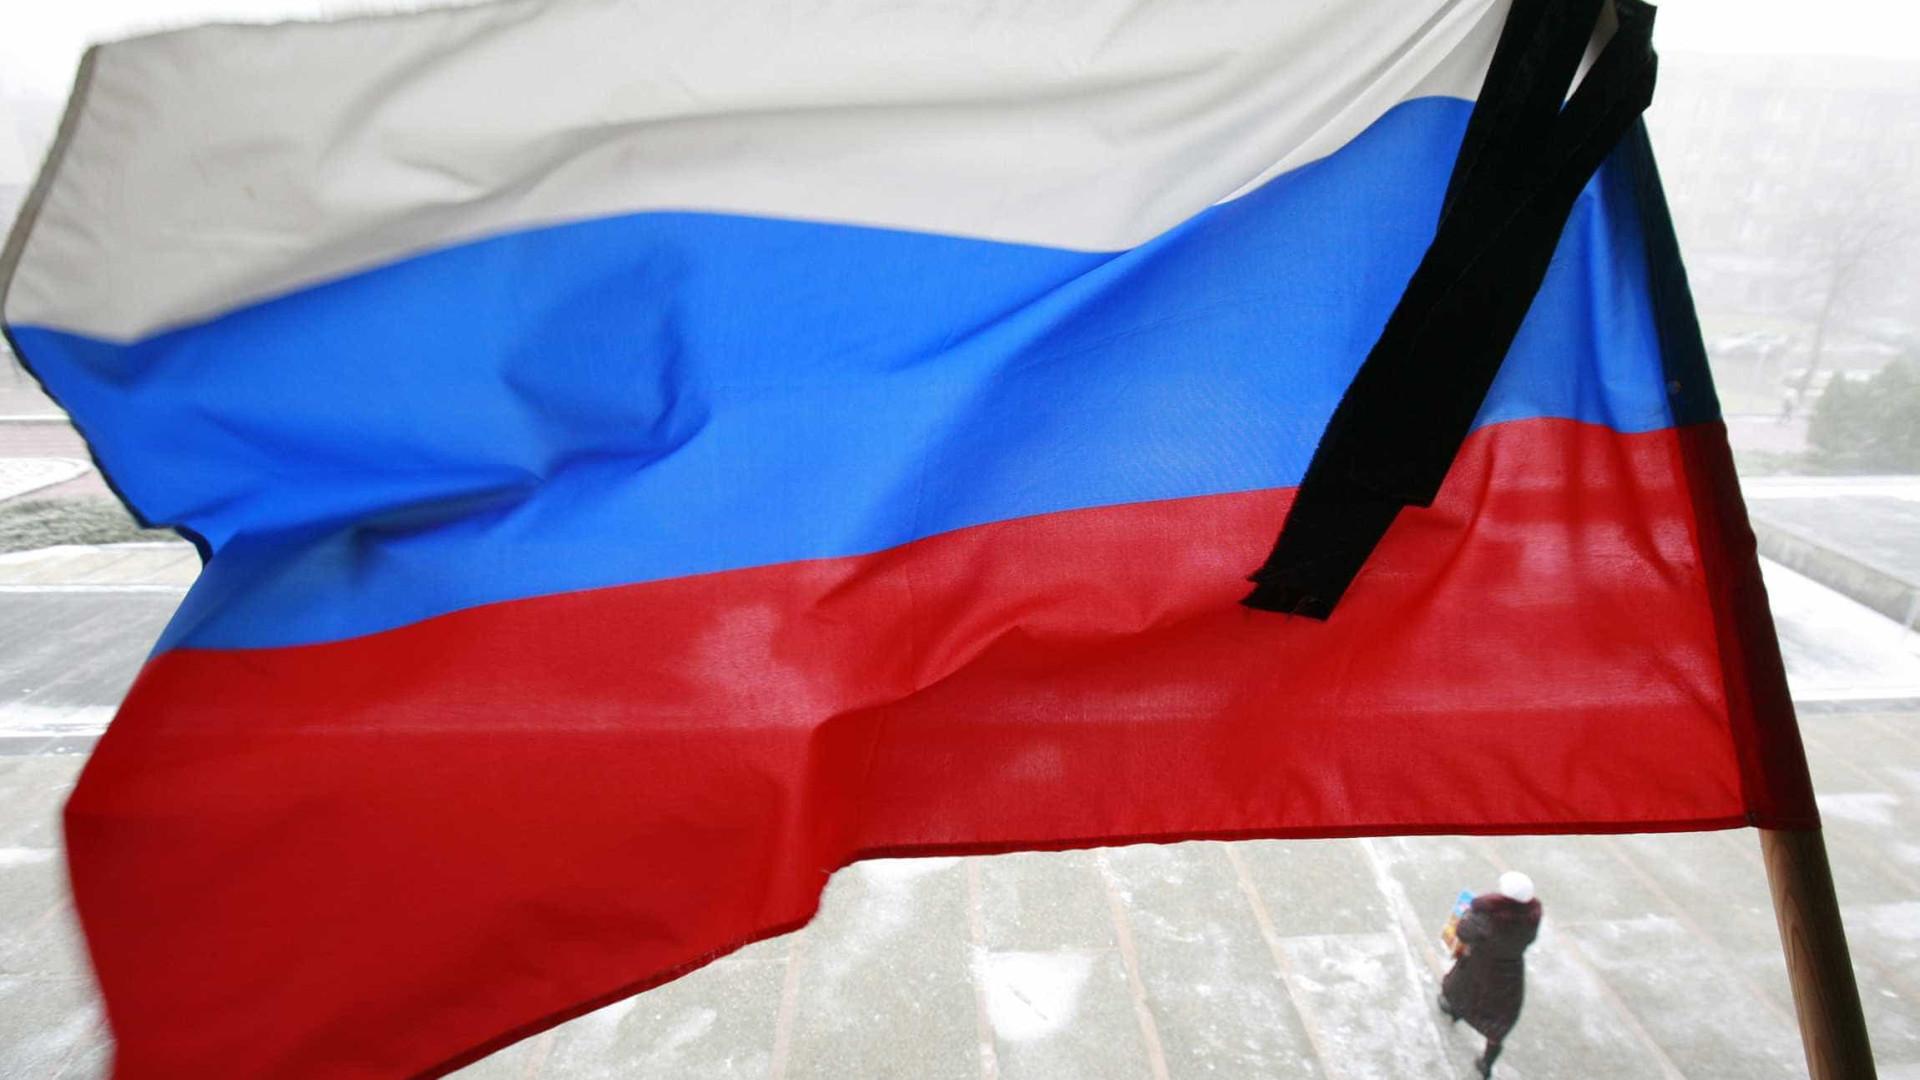 Ministro diz que decisão de Portugal sobre diplomatas russos